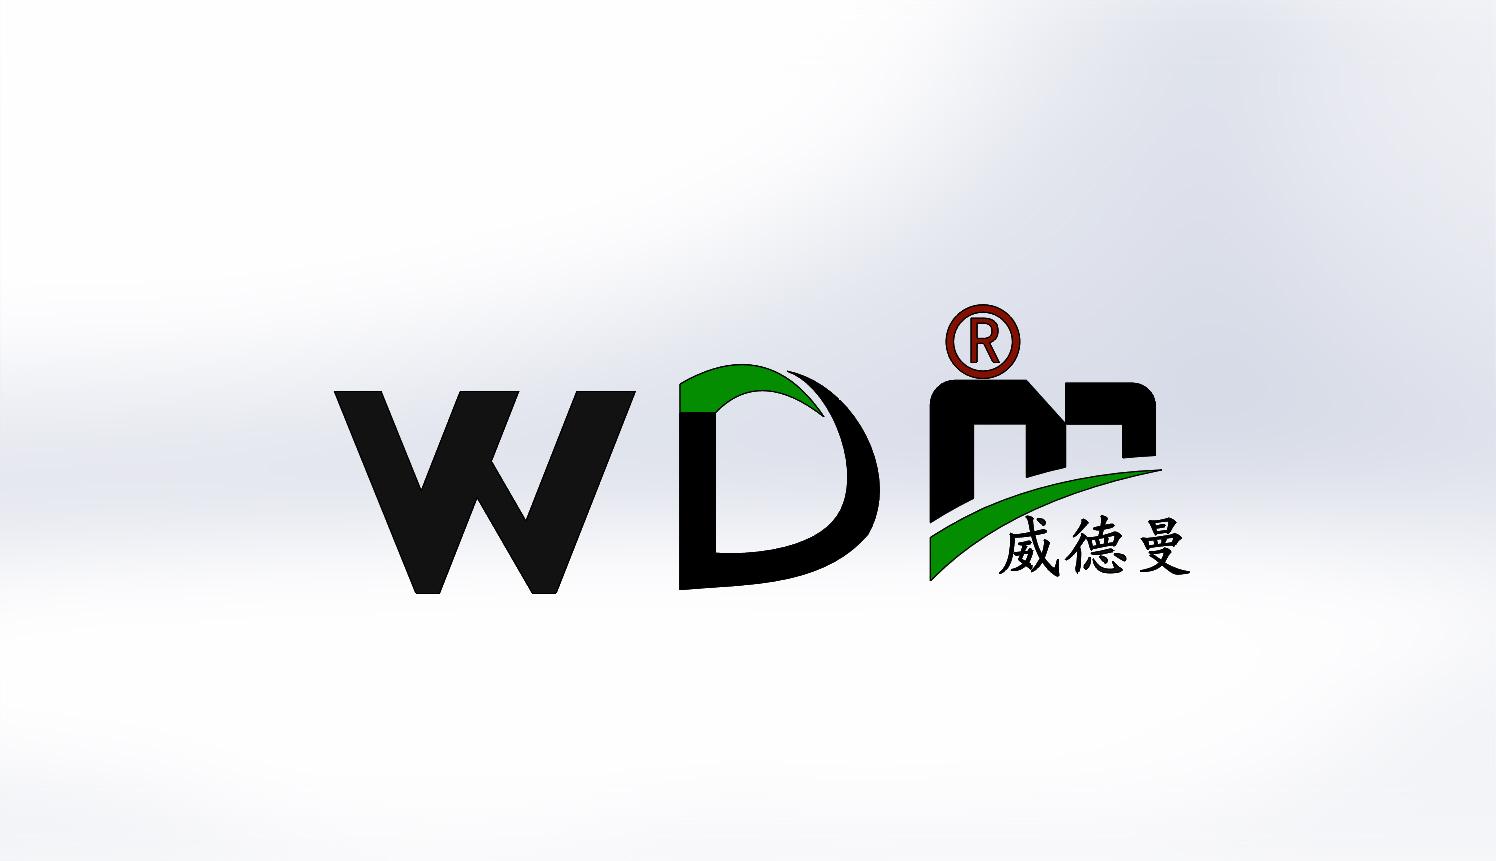 扬州威德曼自动化科技有限公司